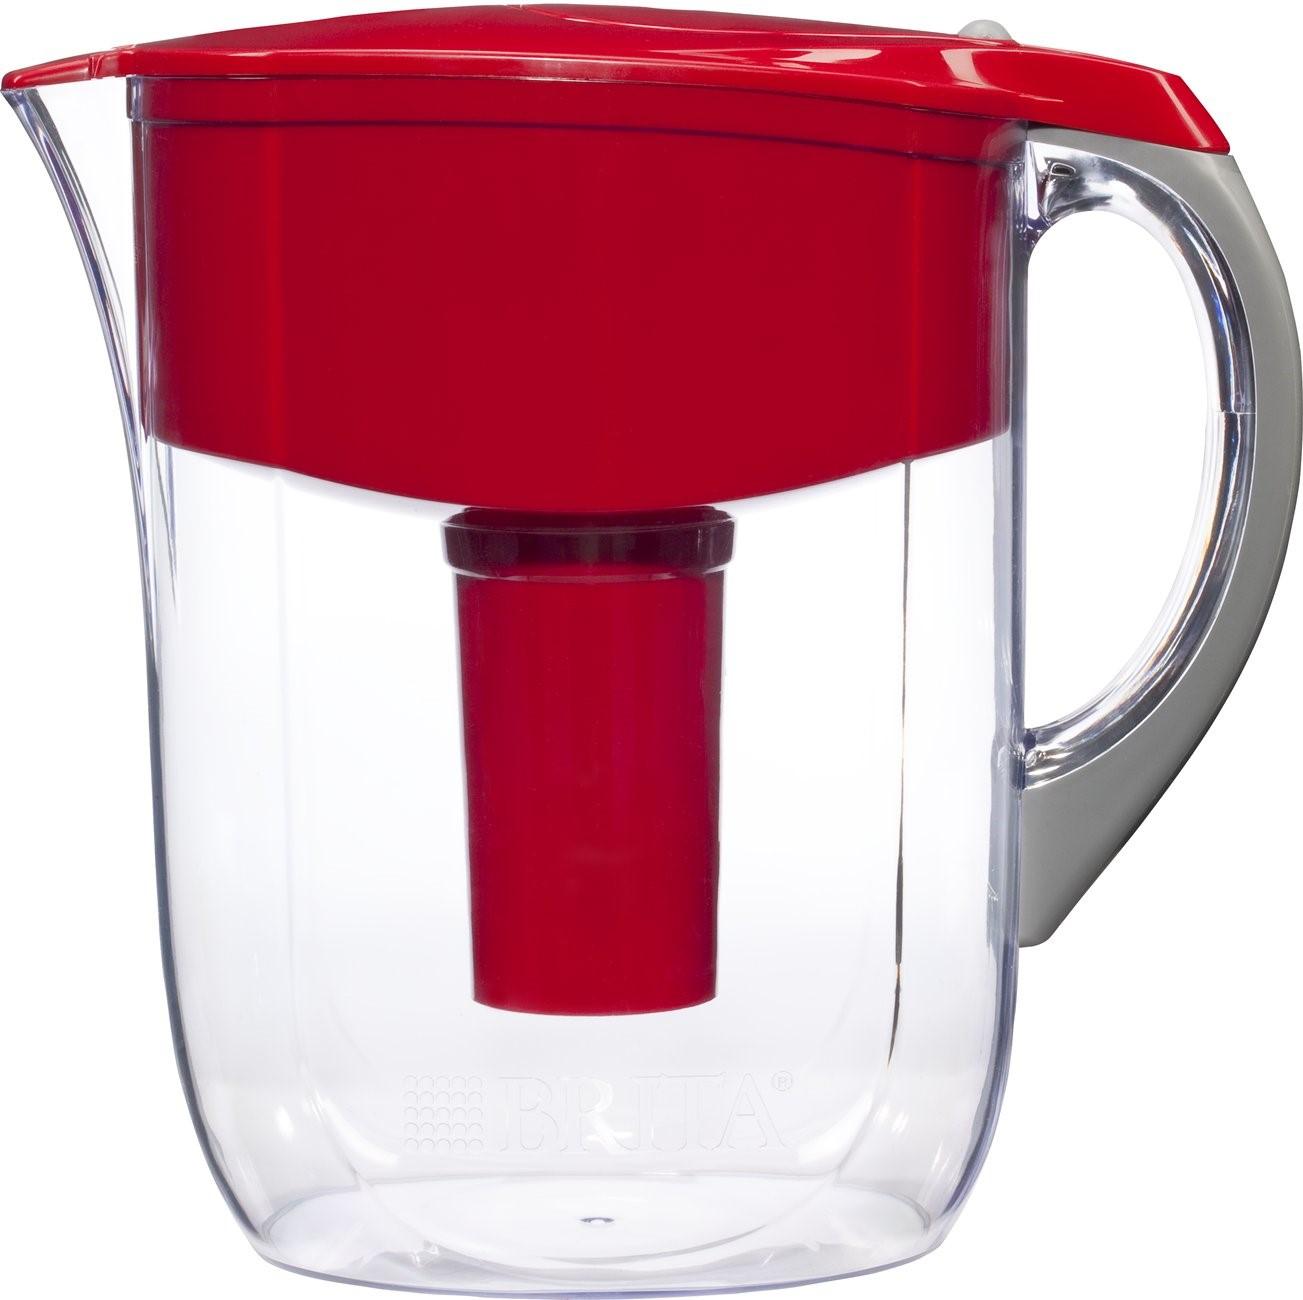 Brita Grand Water Filter Pitcher 10 Cups